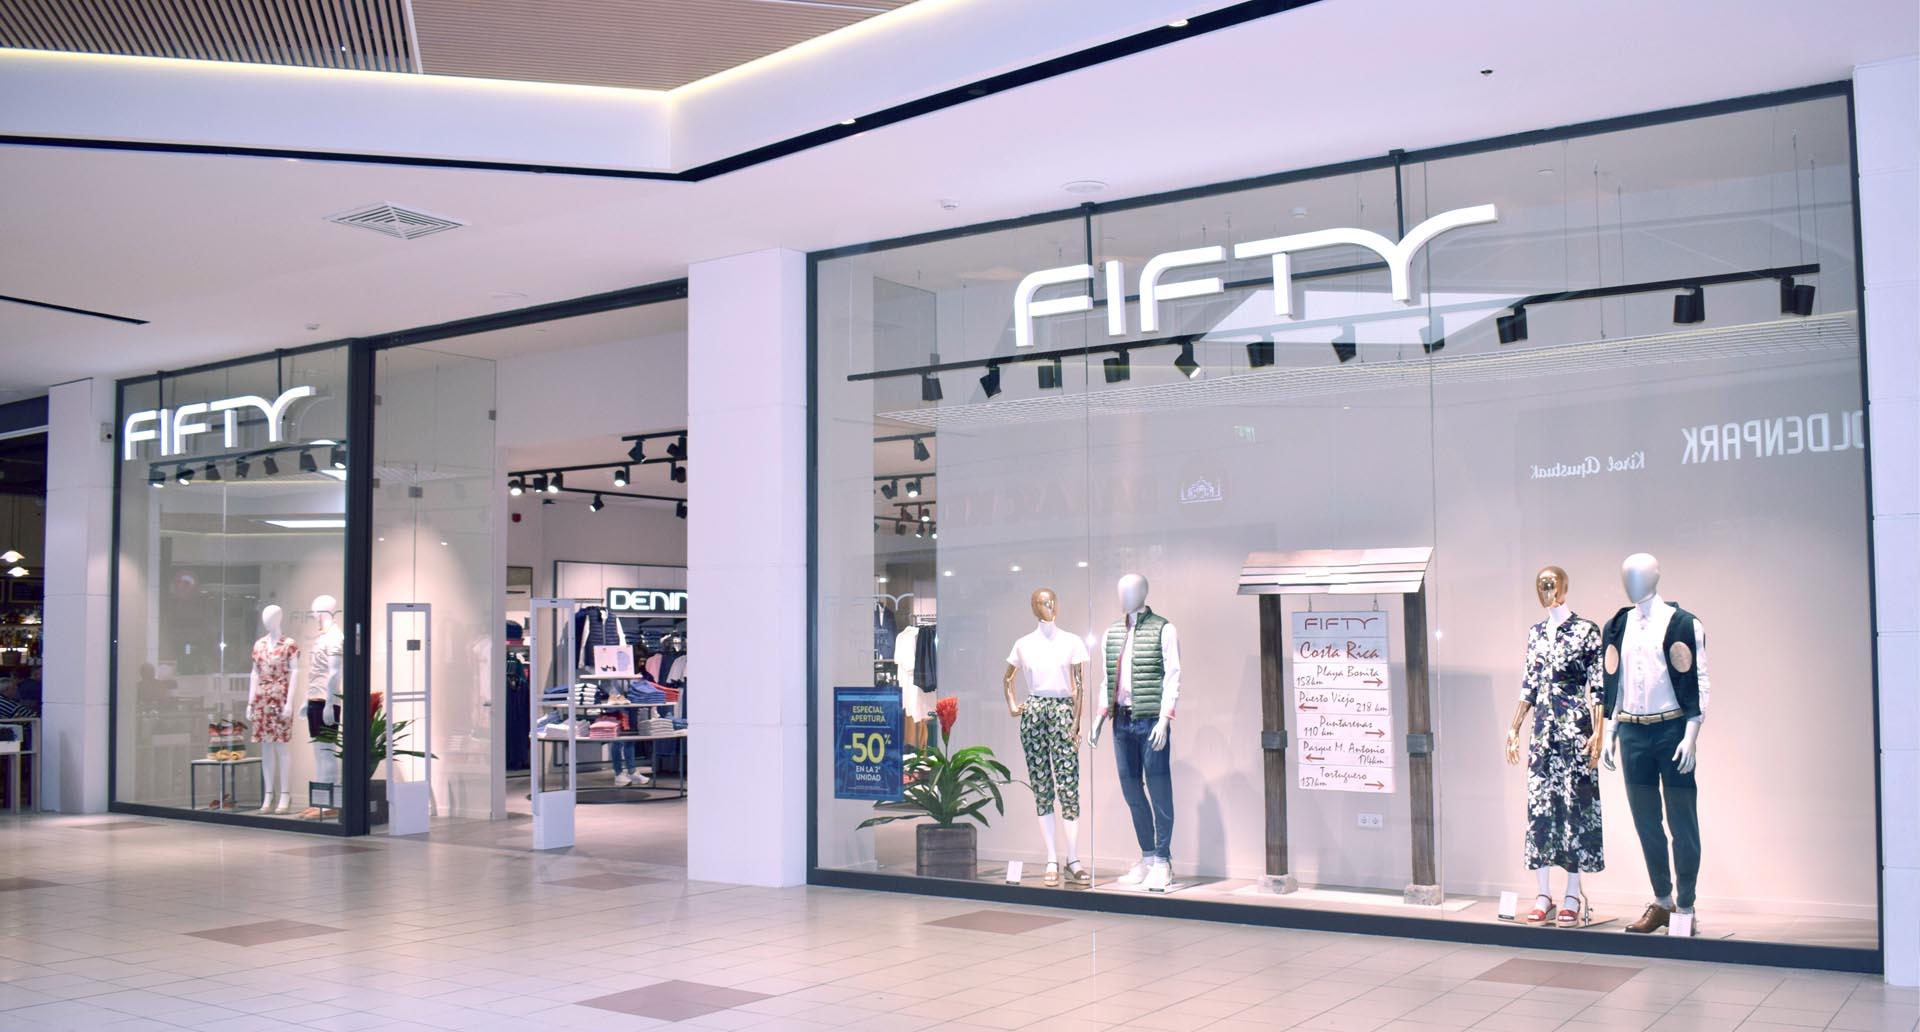 Fifty ouvre sa nouvelle boutique au centre commercial Txingudi